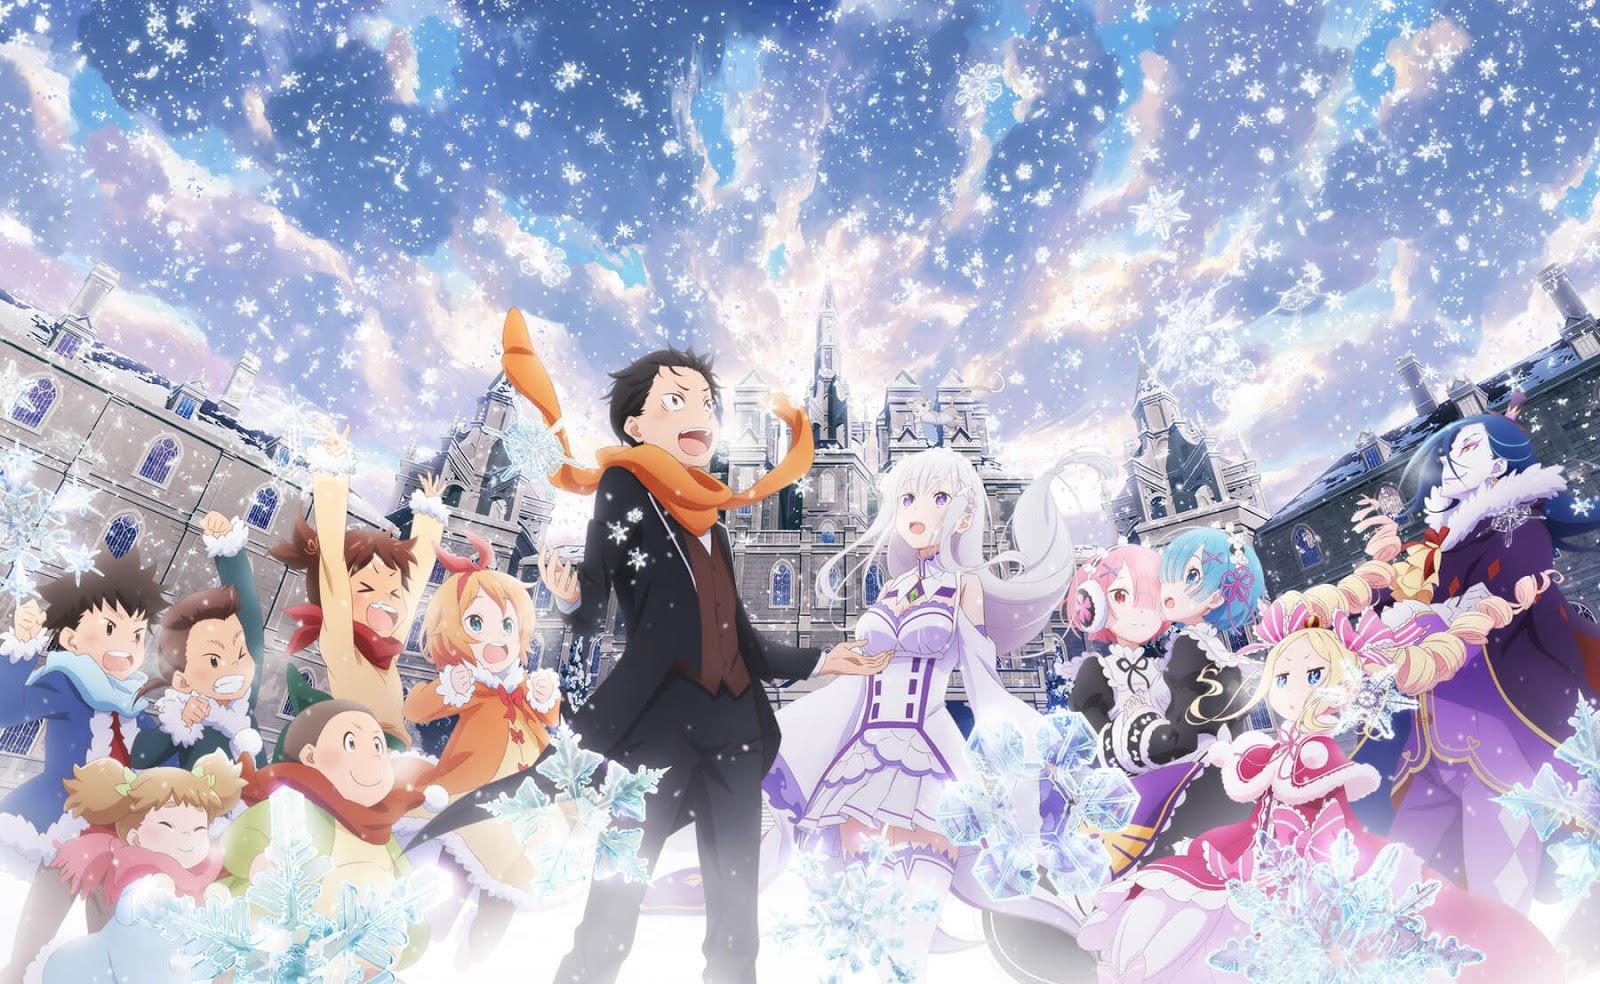 الحلقة الخاصة انمى Re:Zero kara Hajimeru Isekai Seikatsu بلوراي 1080P تحميل و مشاهدة مترجم اونلاين